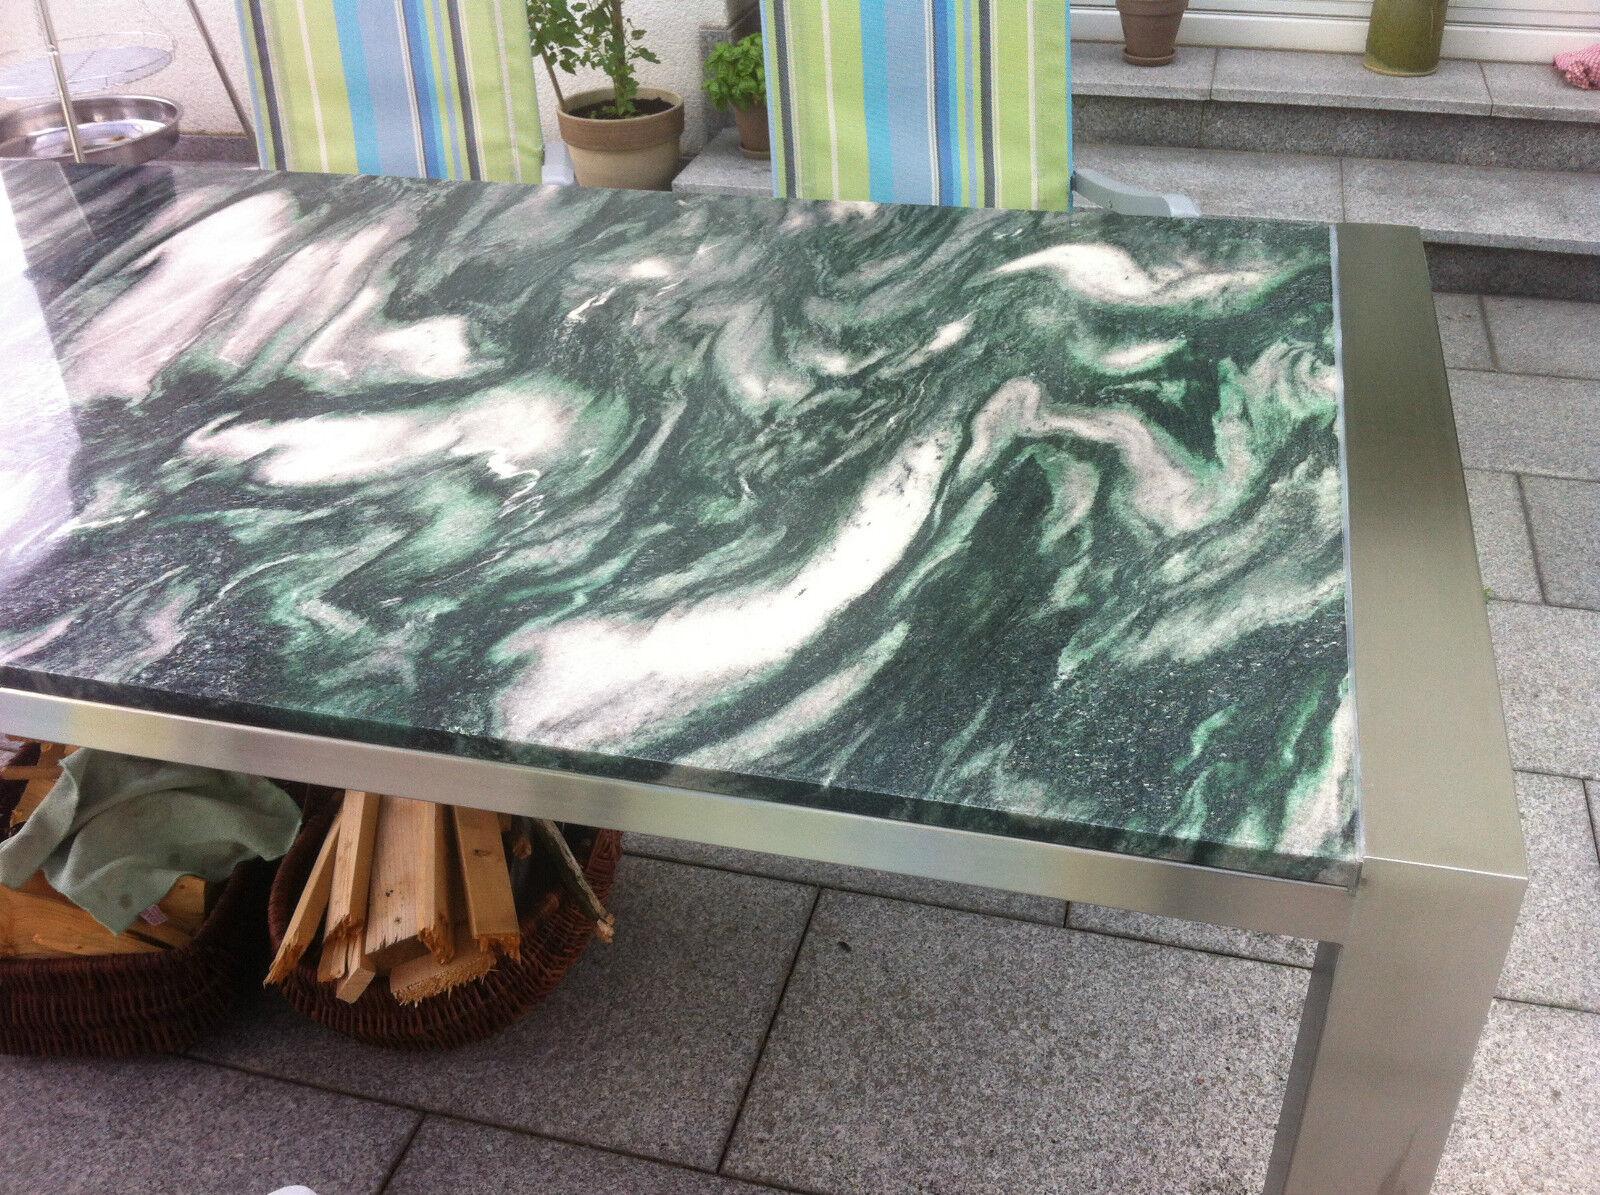 Gartentisch wohnzimmertisch 160x90 naturstein gr n for Wohnzimmertisch stein